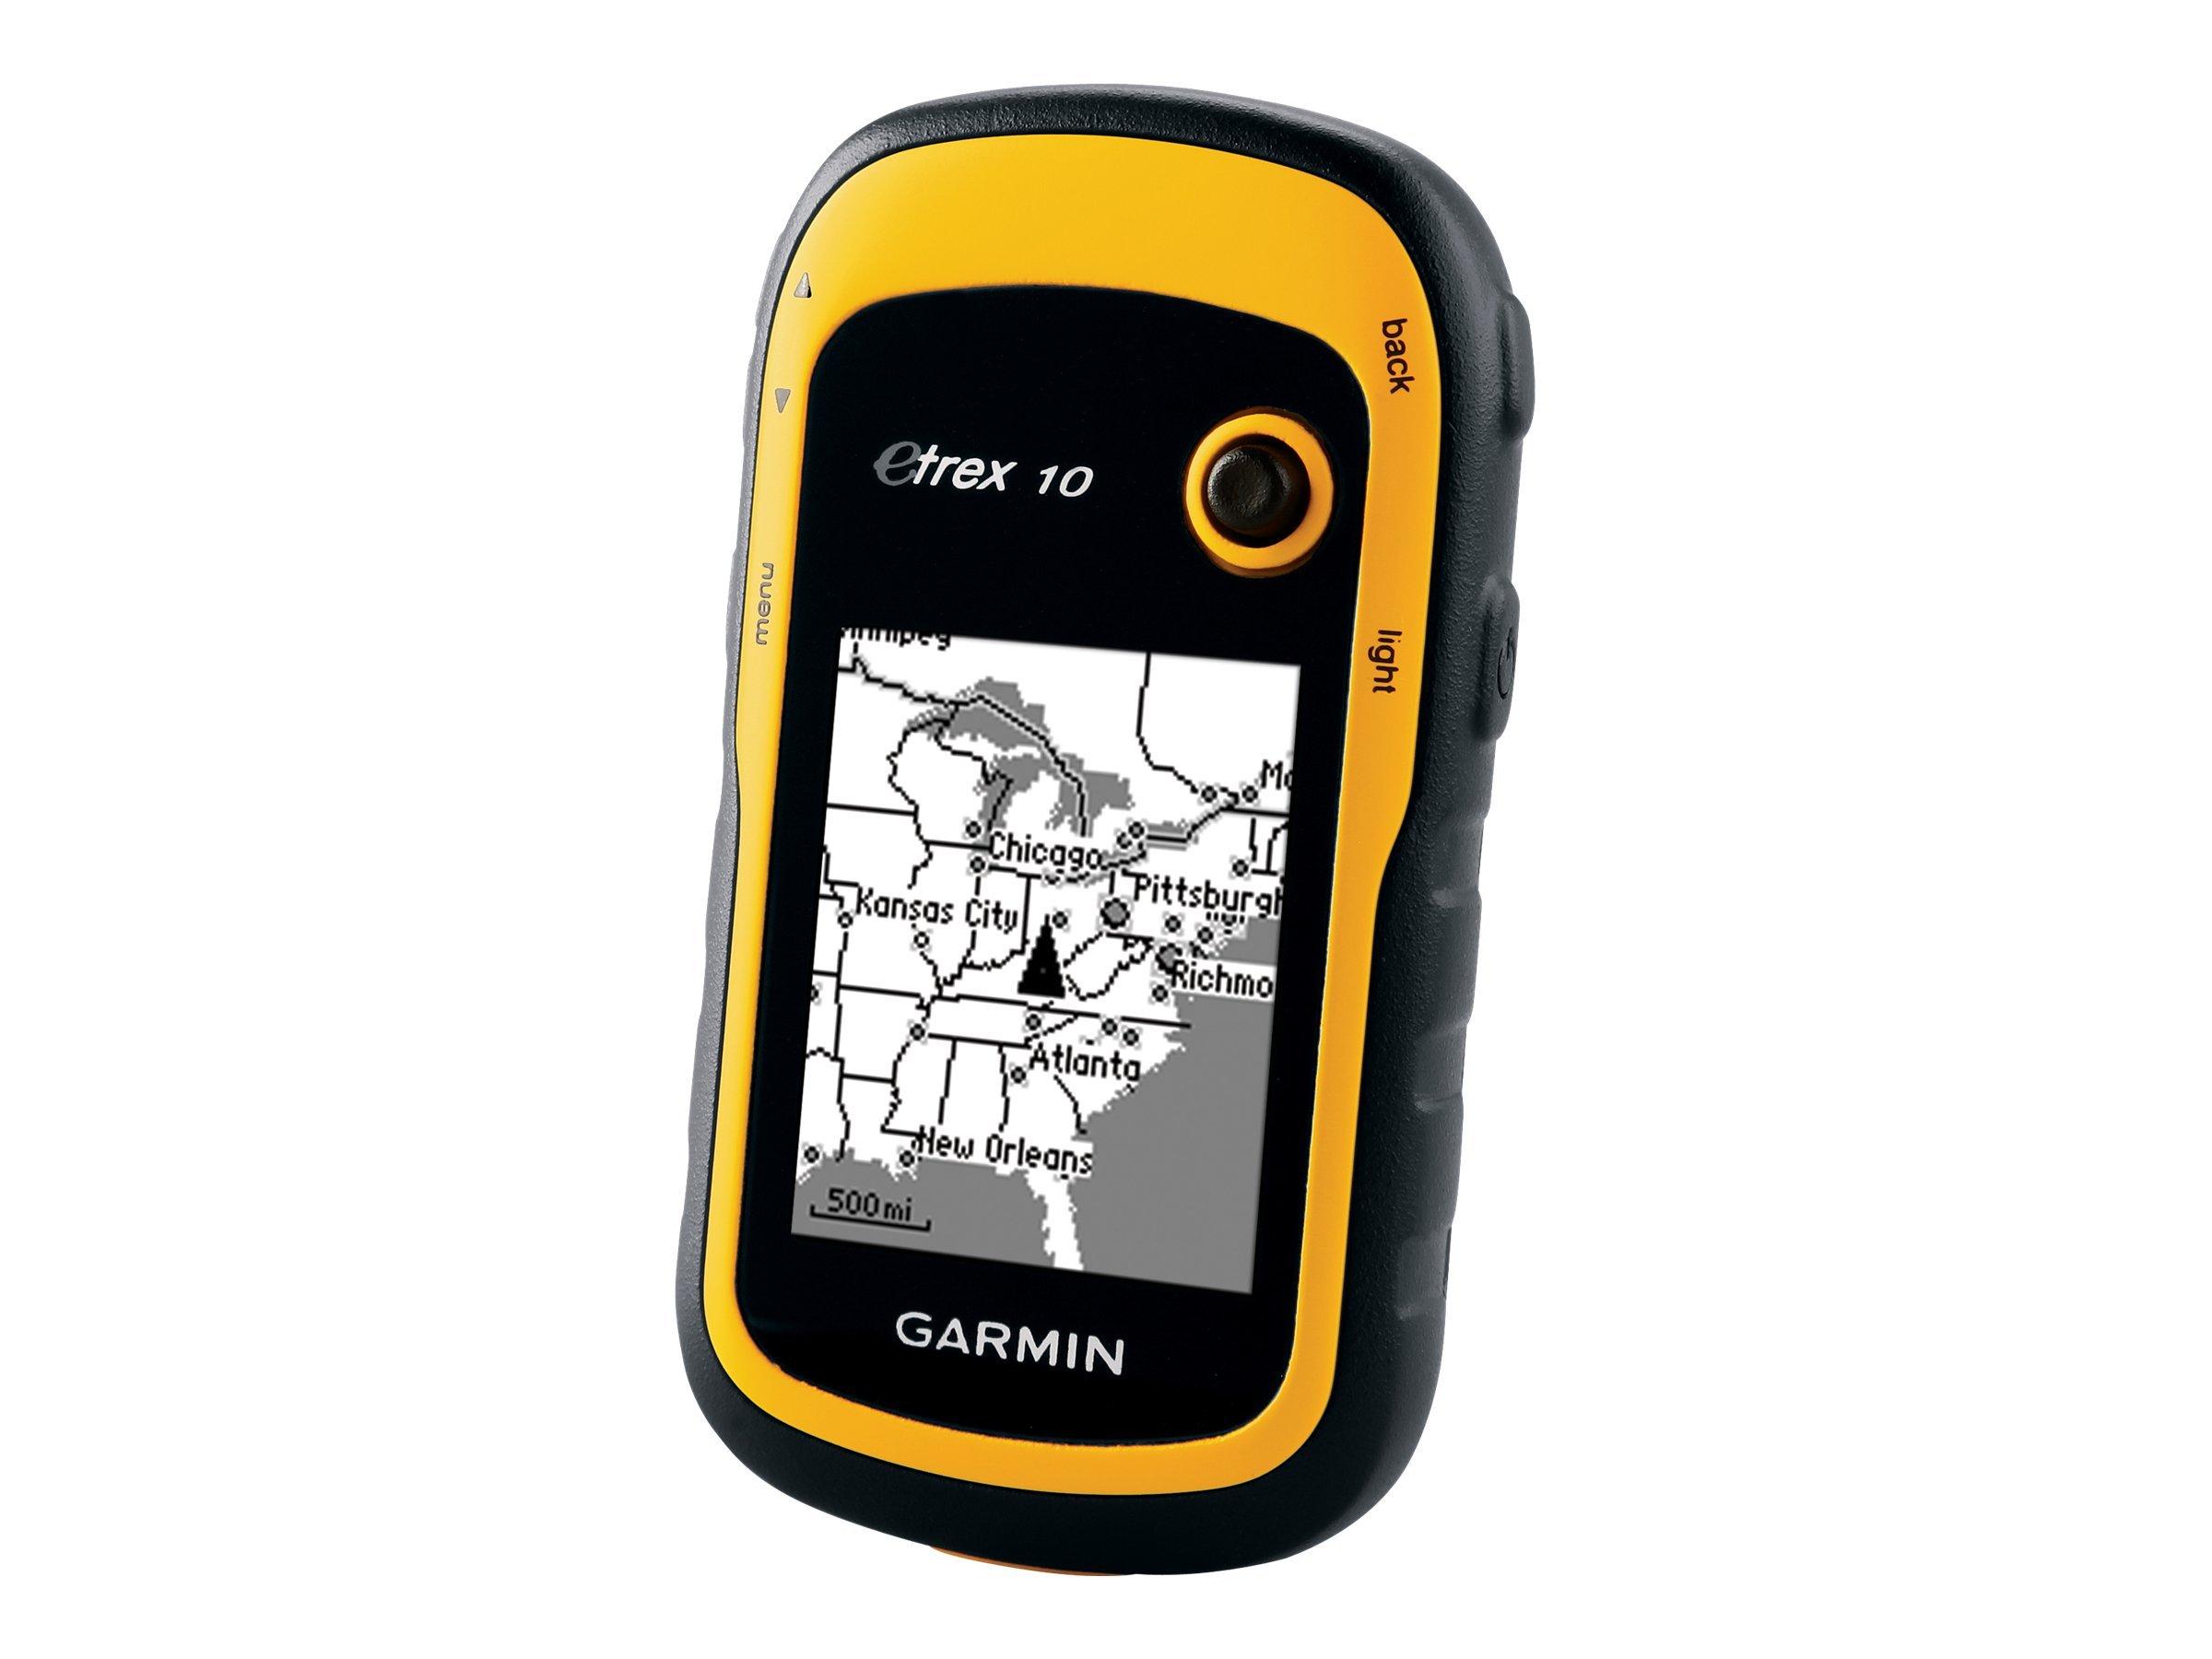 Garmin eTrex 10 - GPS-Navigationsgerät - Wandern 2.2 Zoll